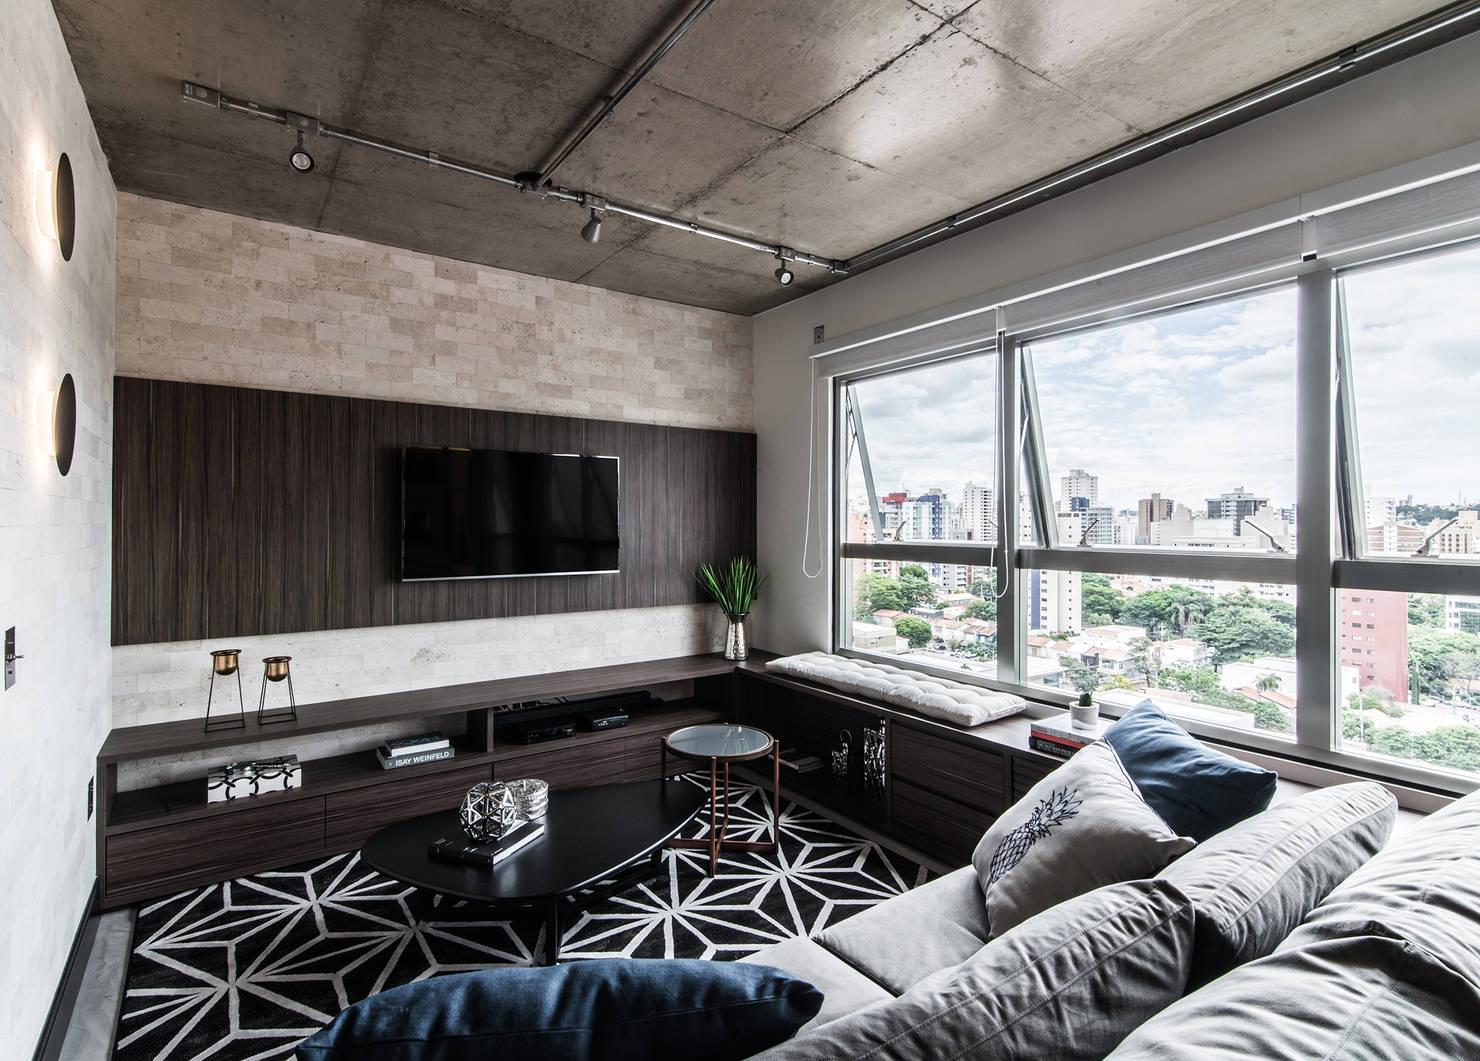 Esse apartamento em estilo industrial vai inspirar você para decorar todos os espaços da casa